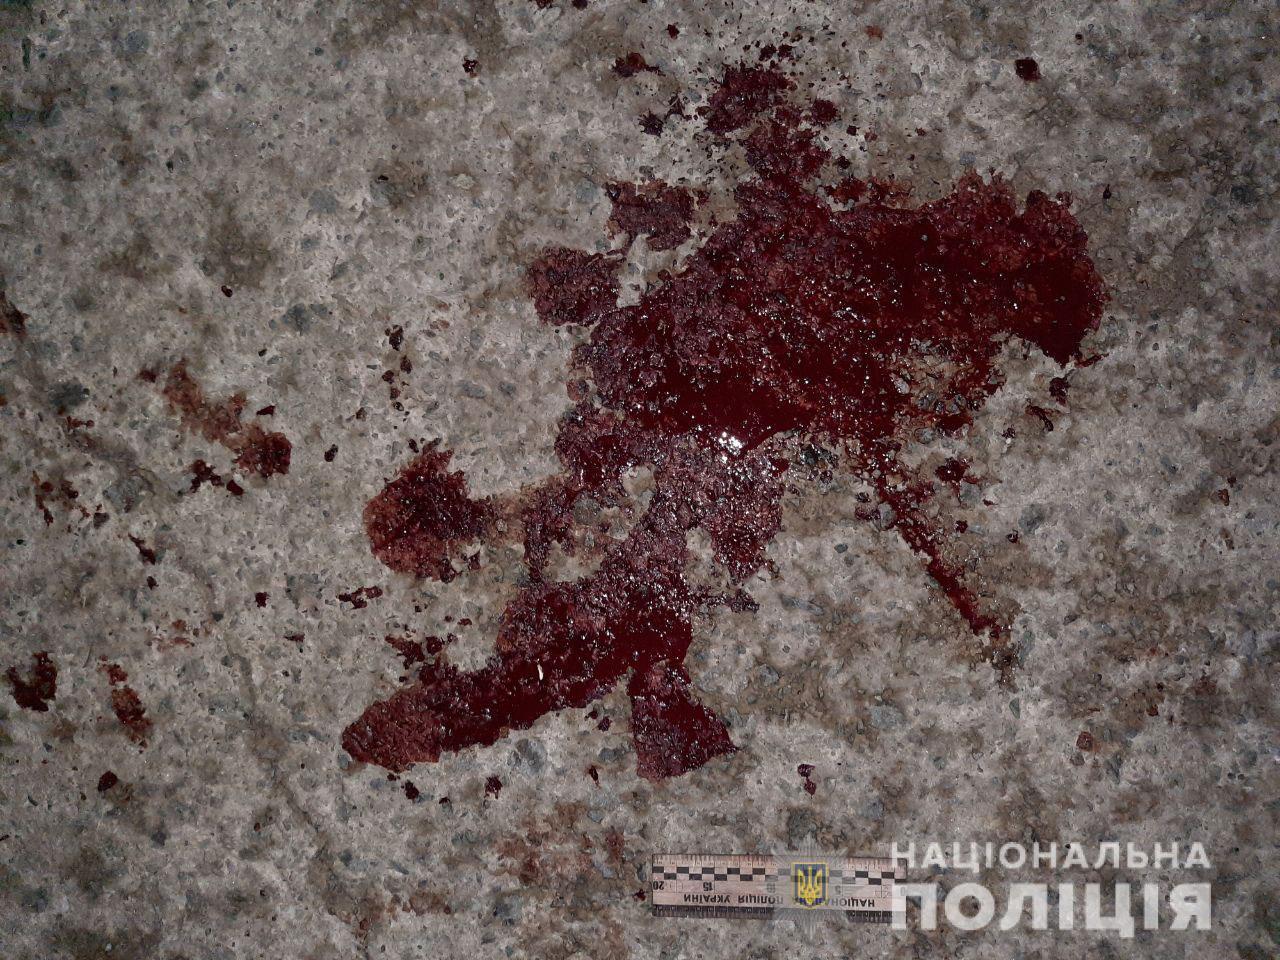 У Вараші двоє чоловіків влаштували бійку з поліцейськими, є поранені